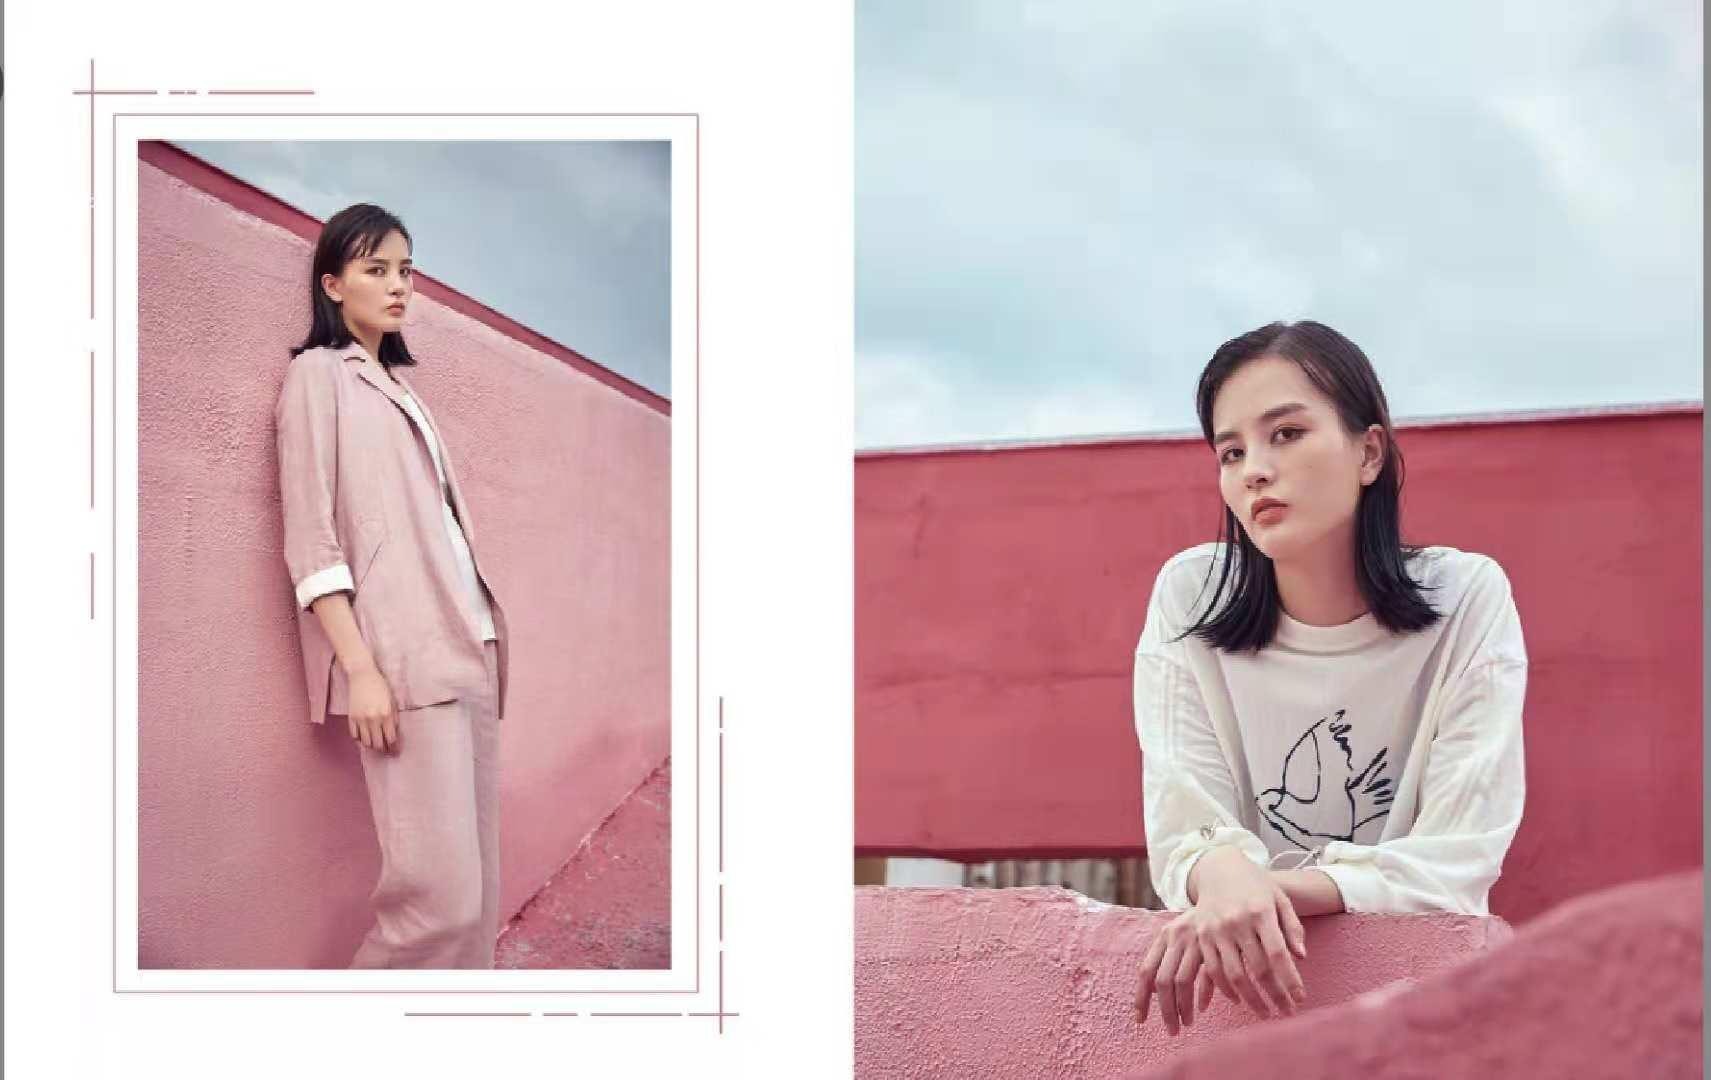 卓力尔设计师女装品牌诚招全国经销商